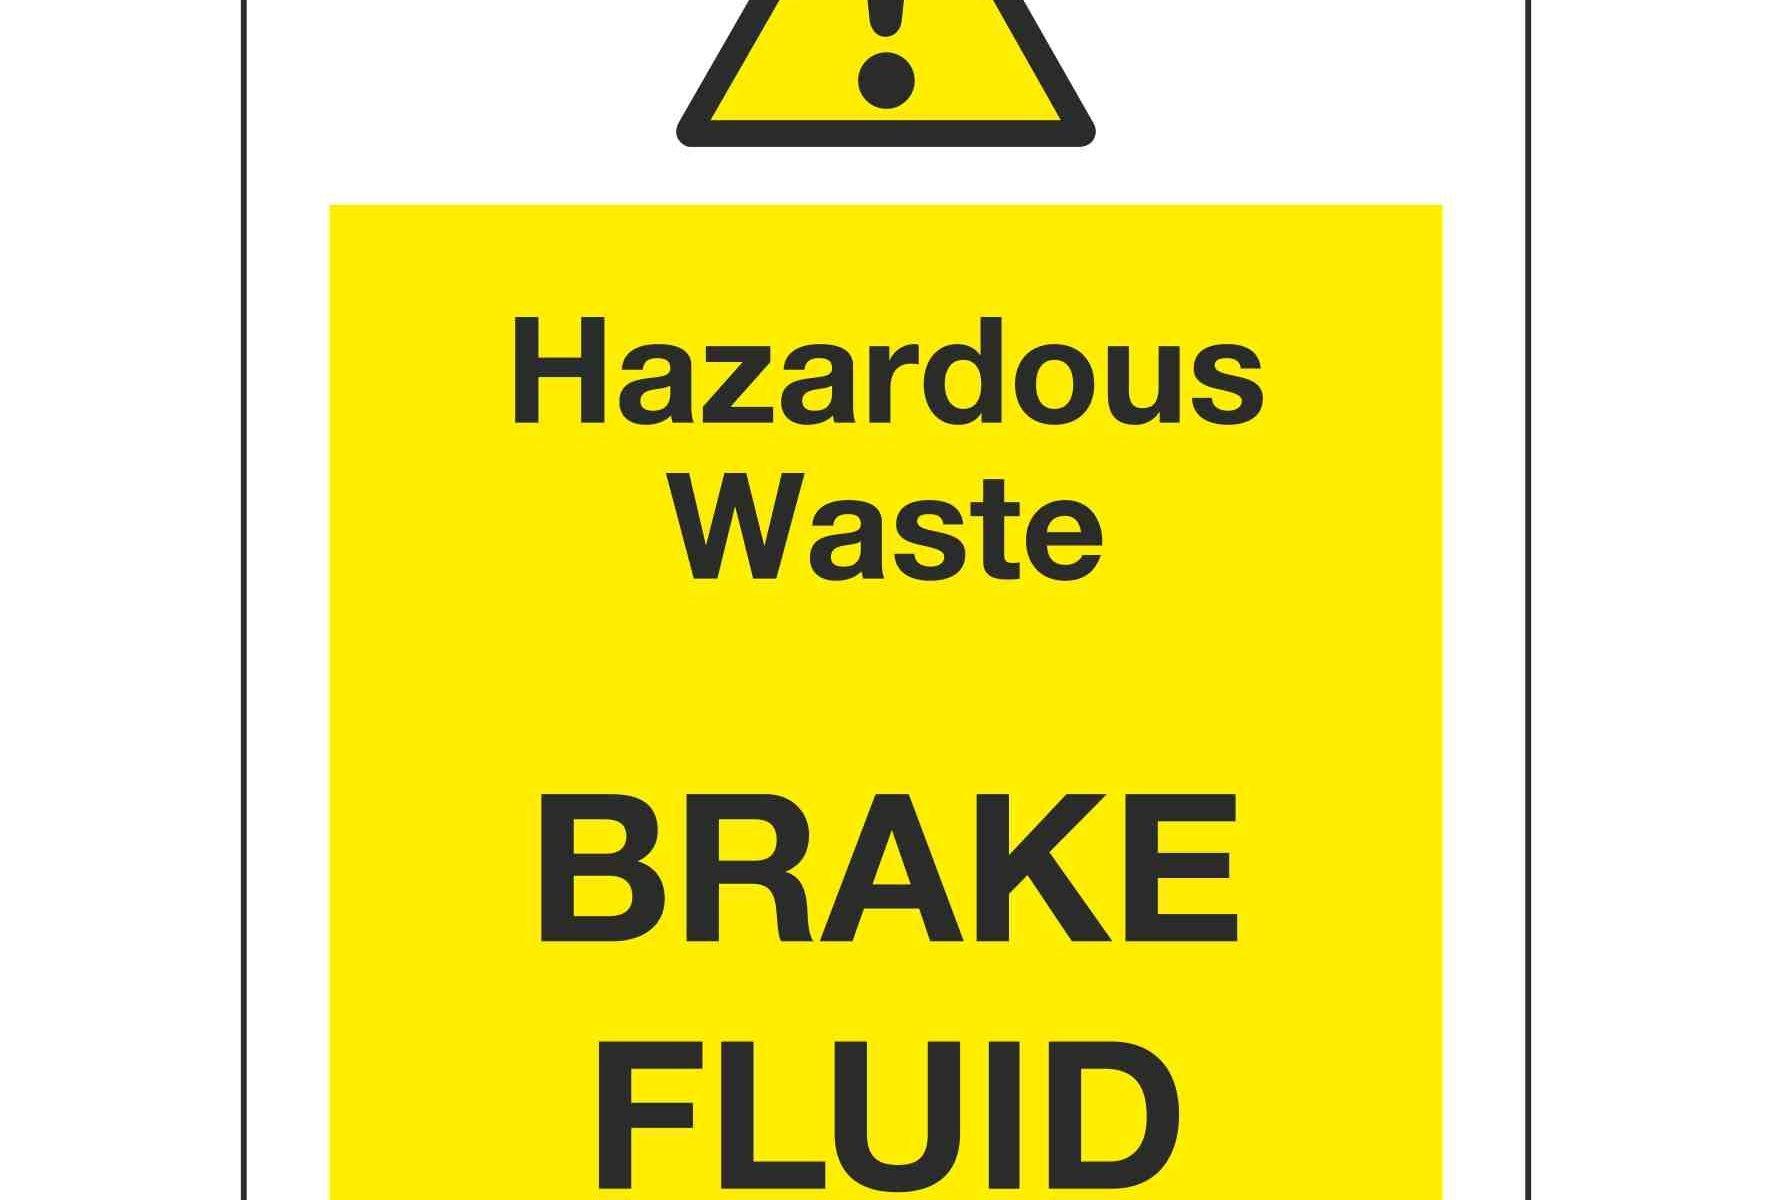 Hazardous Waste BRAKE FLUID